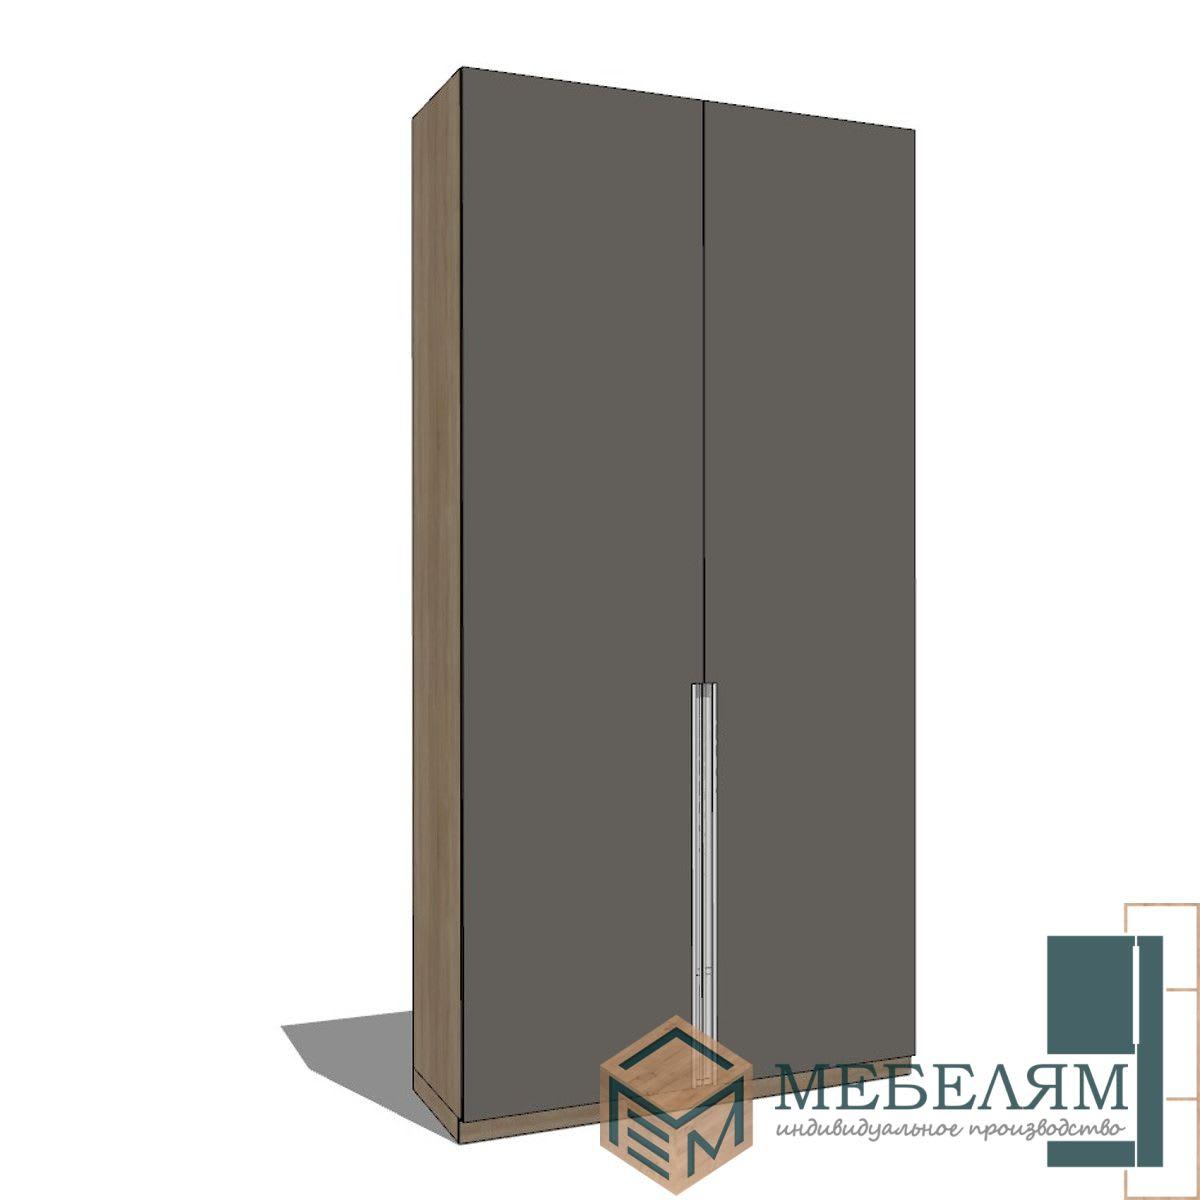 Изготовление, ремонт, модернизация торговой и корпусной мебели в Москве - Шкаф Монако Оникс 3